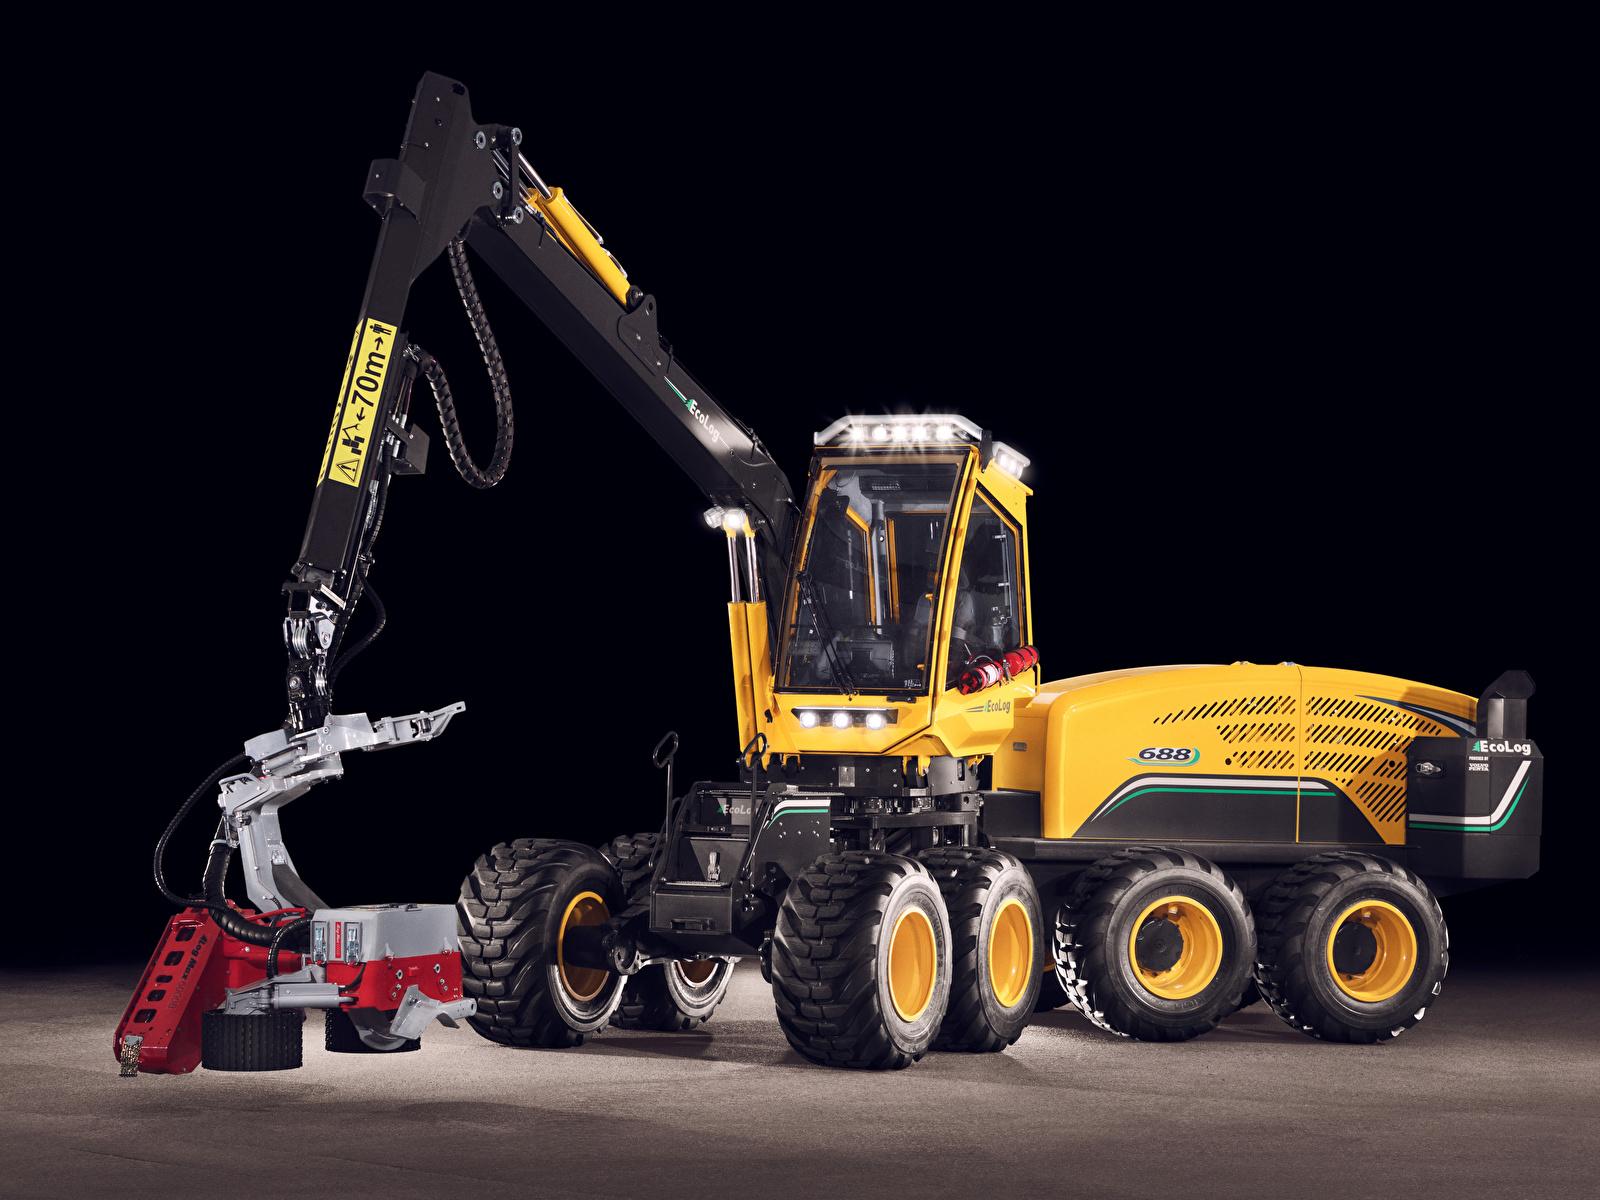 Фотография Форвардер 2017-18 Eco Log 688E Черный фон 1600x1200 на черном фоне